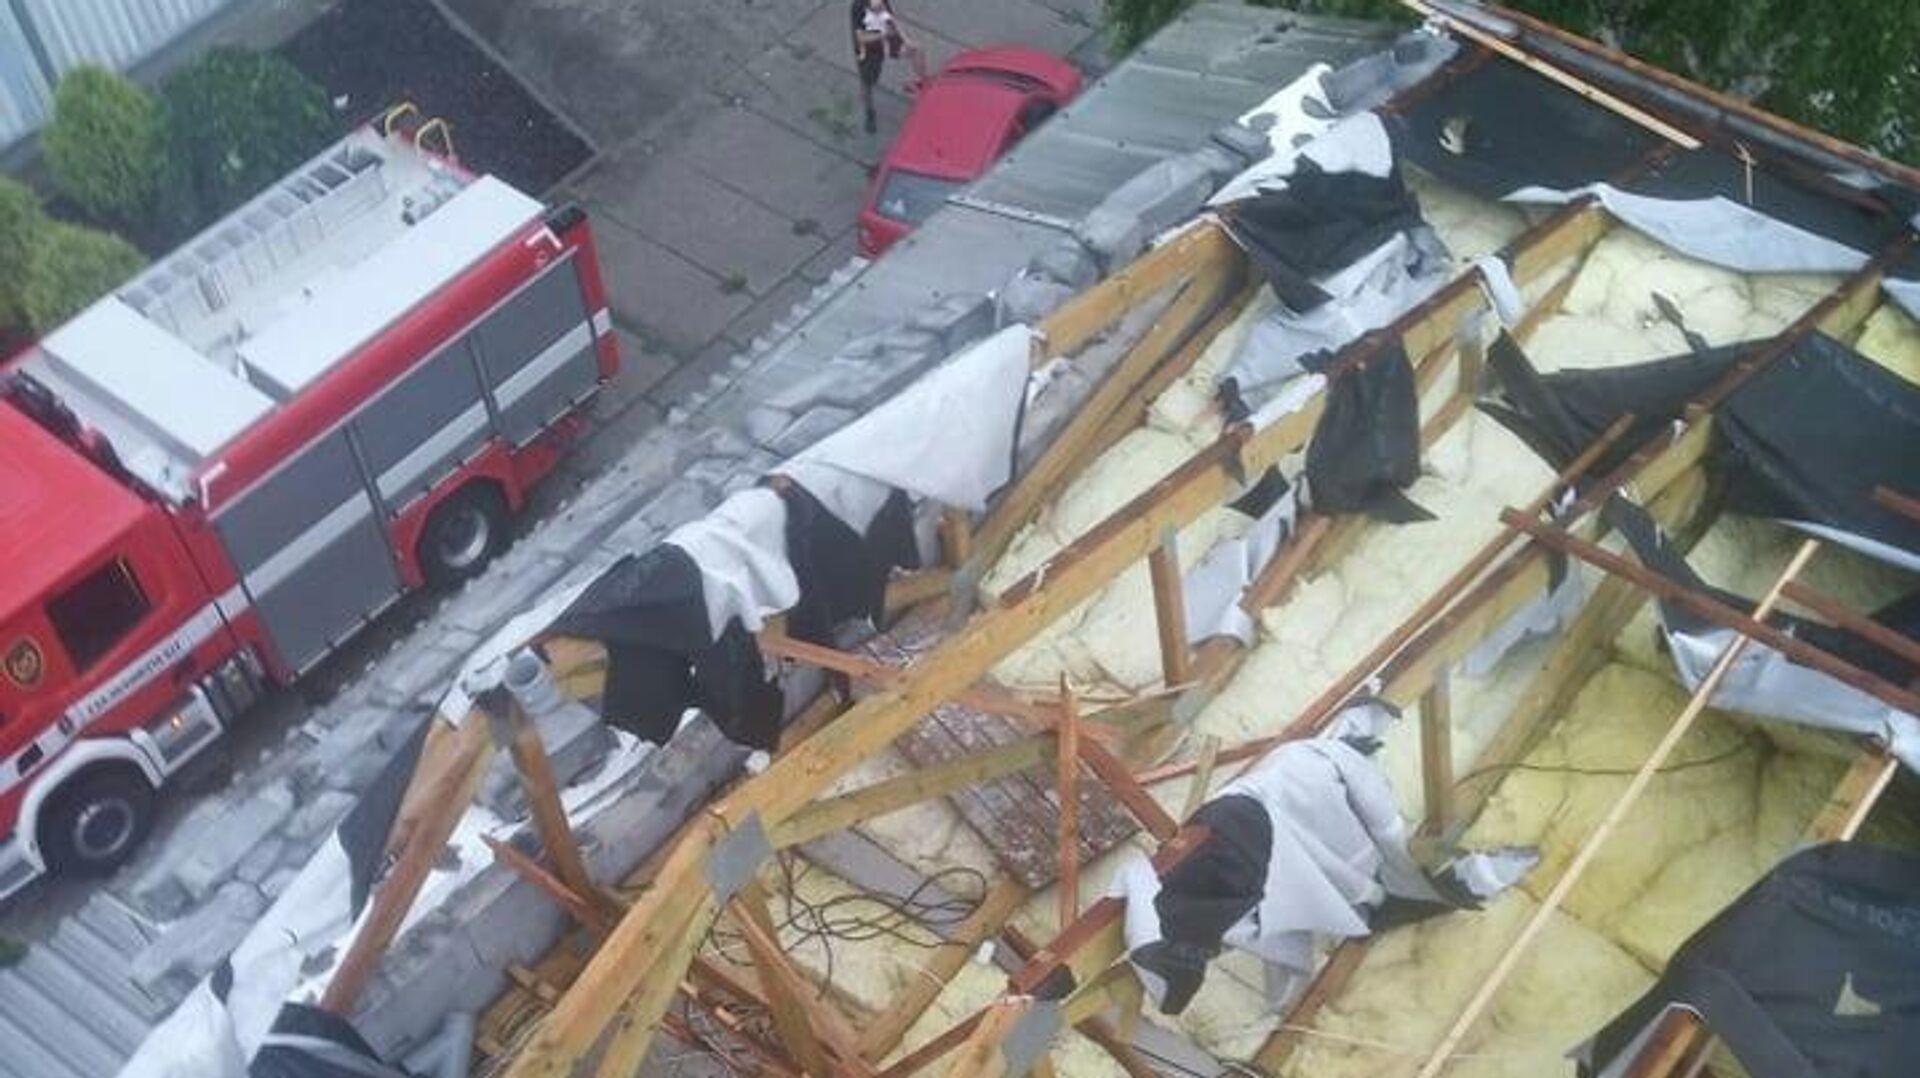 Na Vsetínsku odnesl vichr střechu ubytovny - Sputnik Česká republika, 1920, 14.07.2021